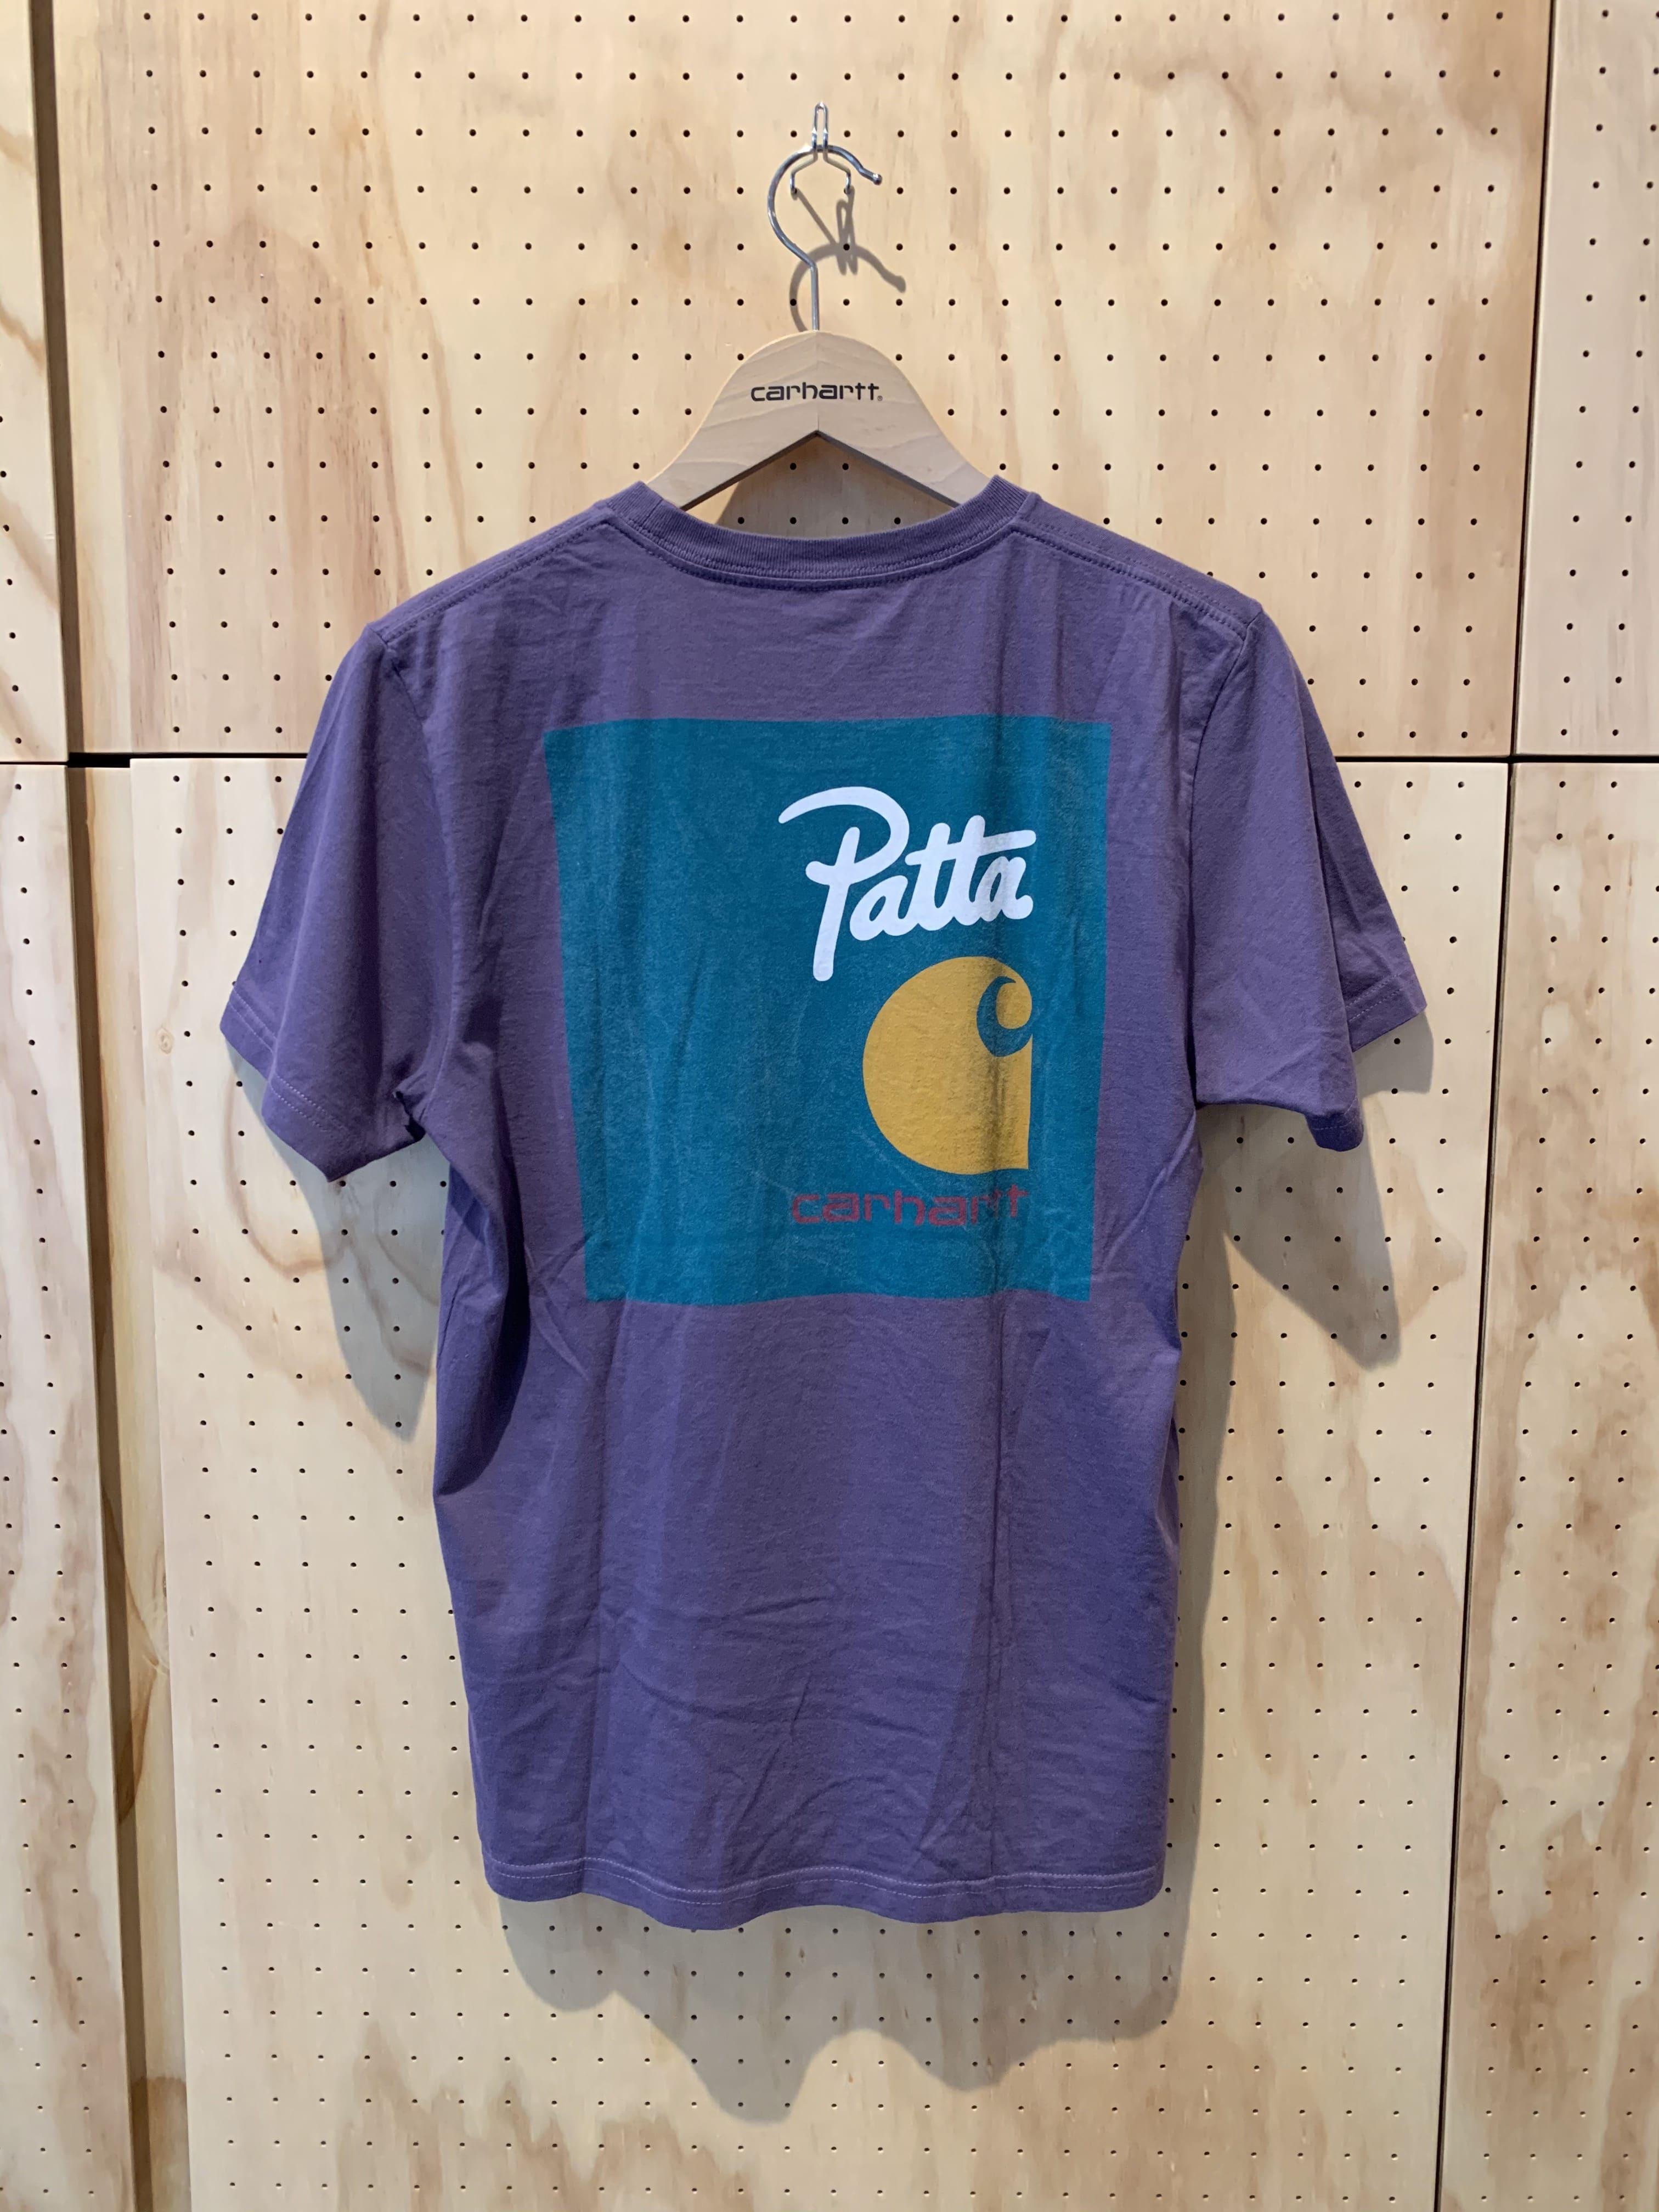 Patta x Carhartt WIP T-Shirt - FW 2016